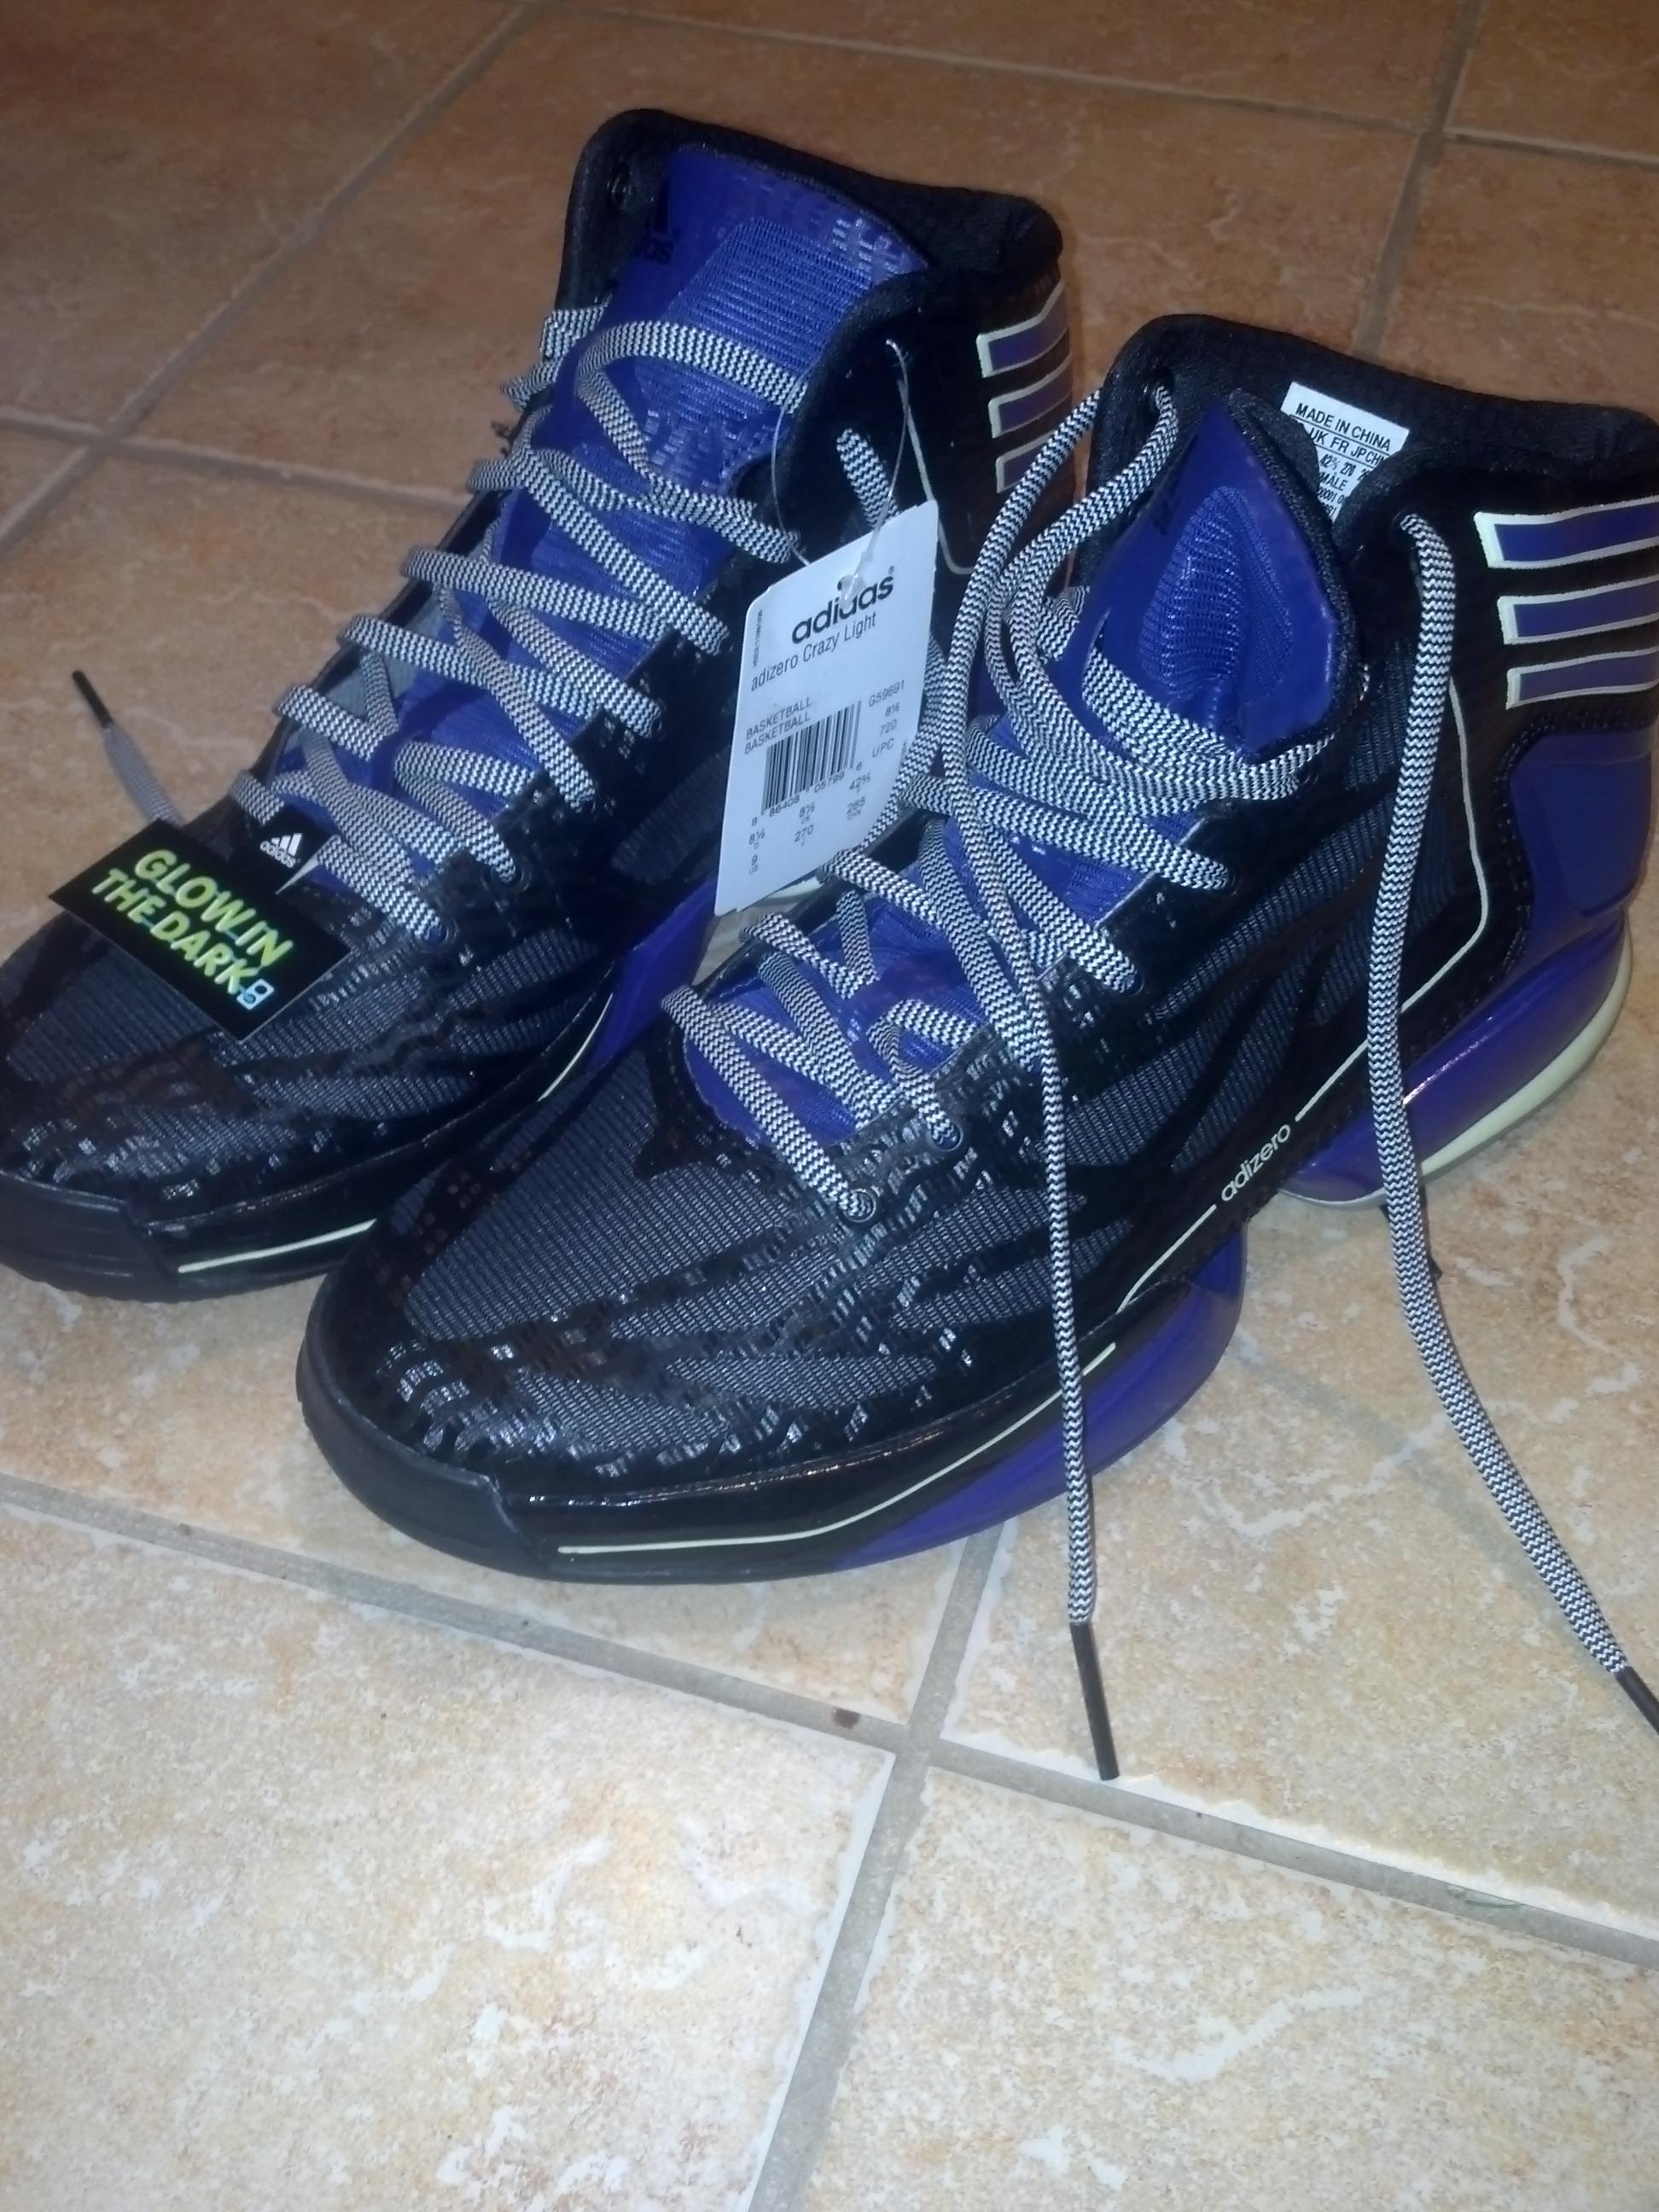 Adidas Basketball Shoes Lebron James